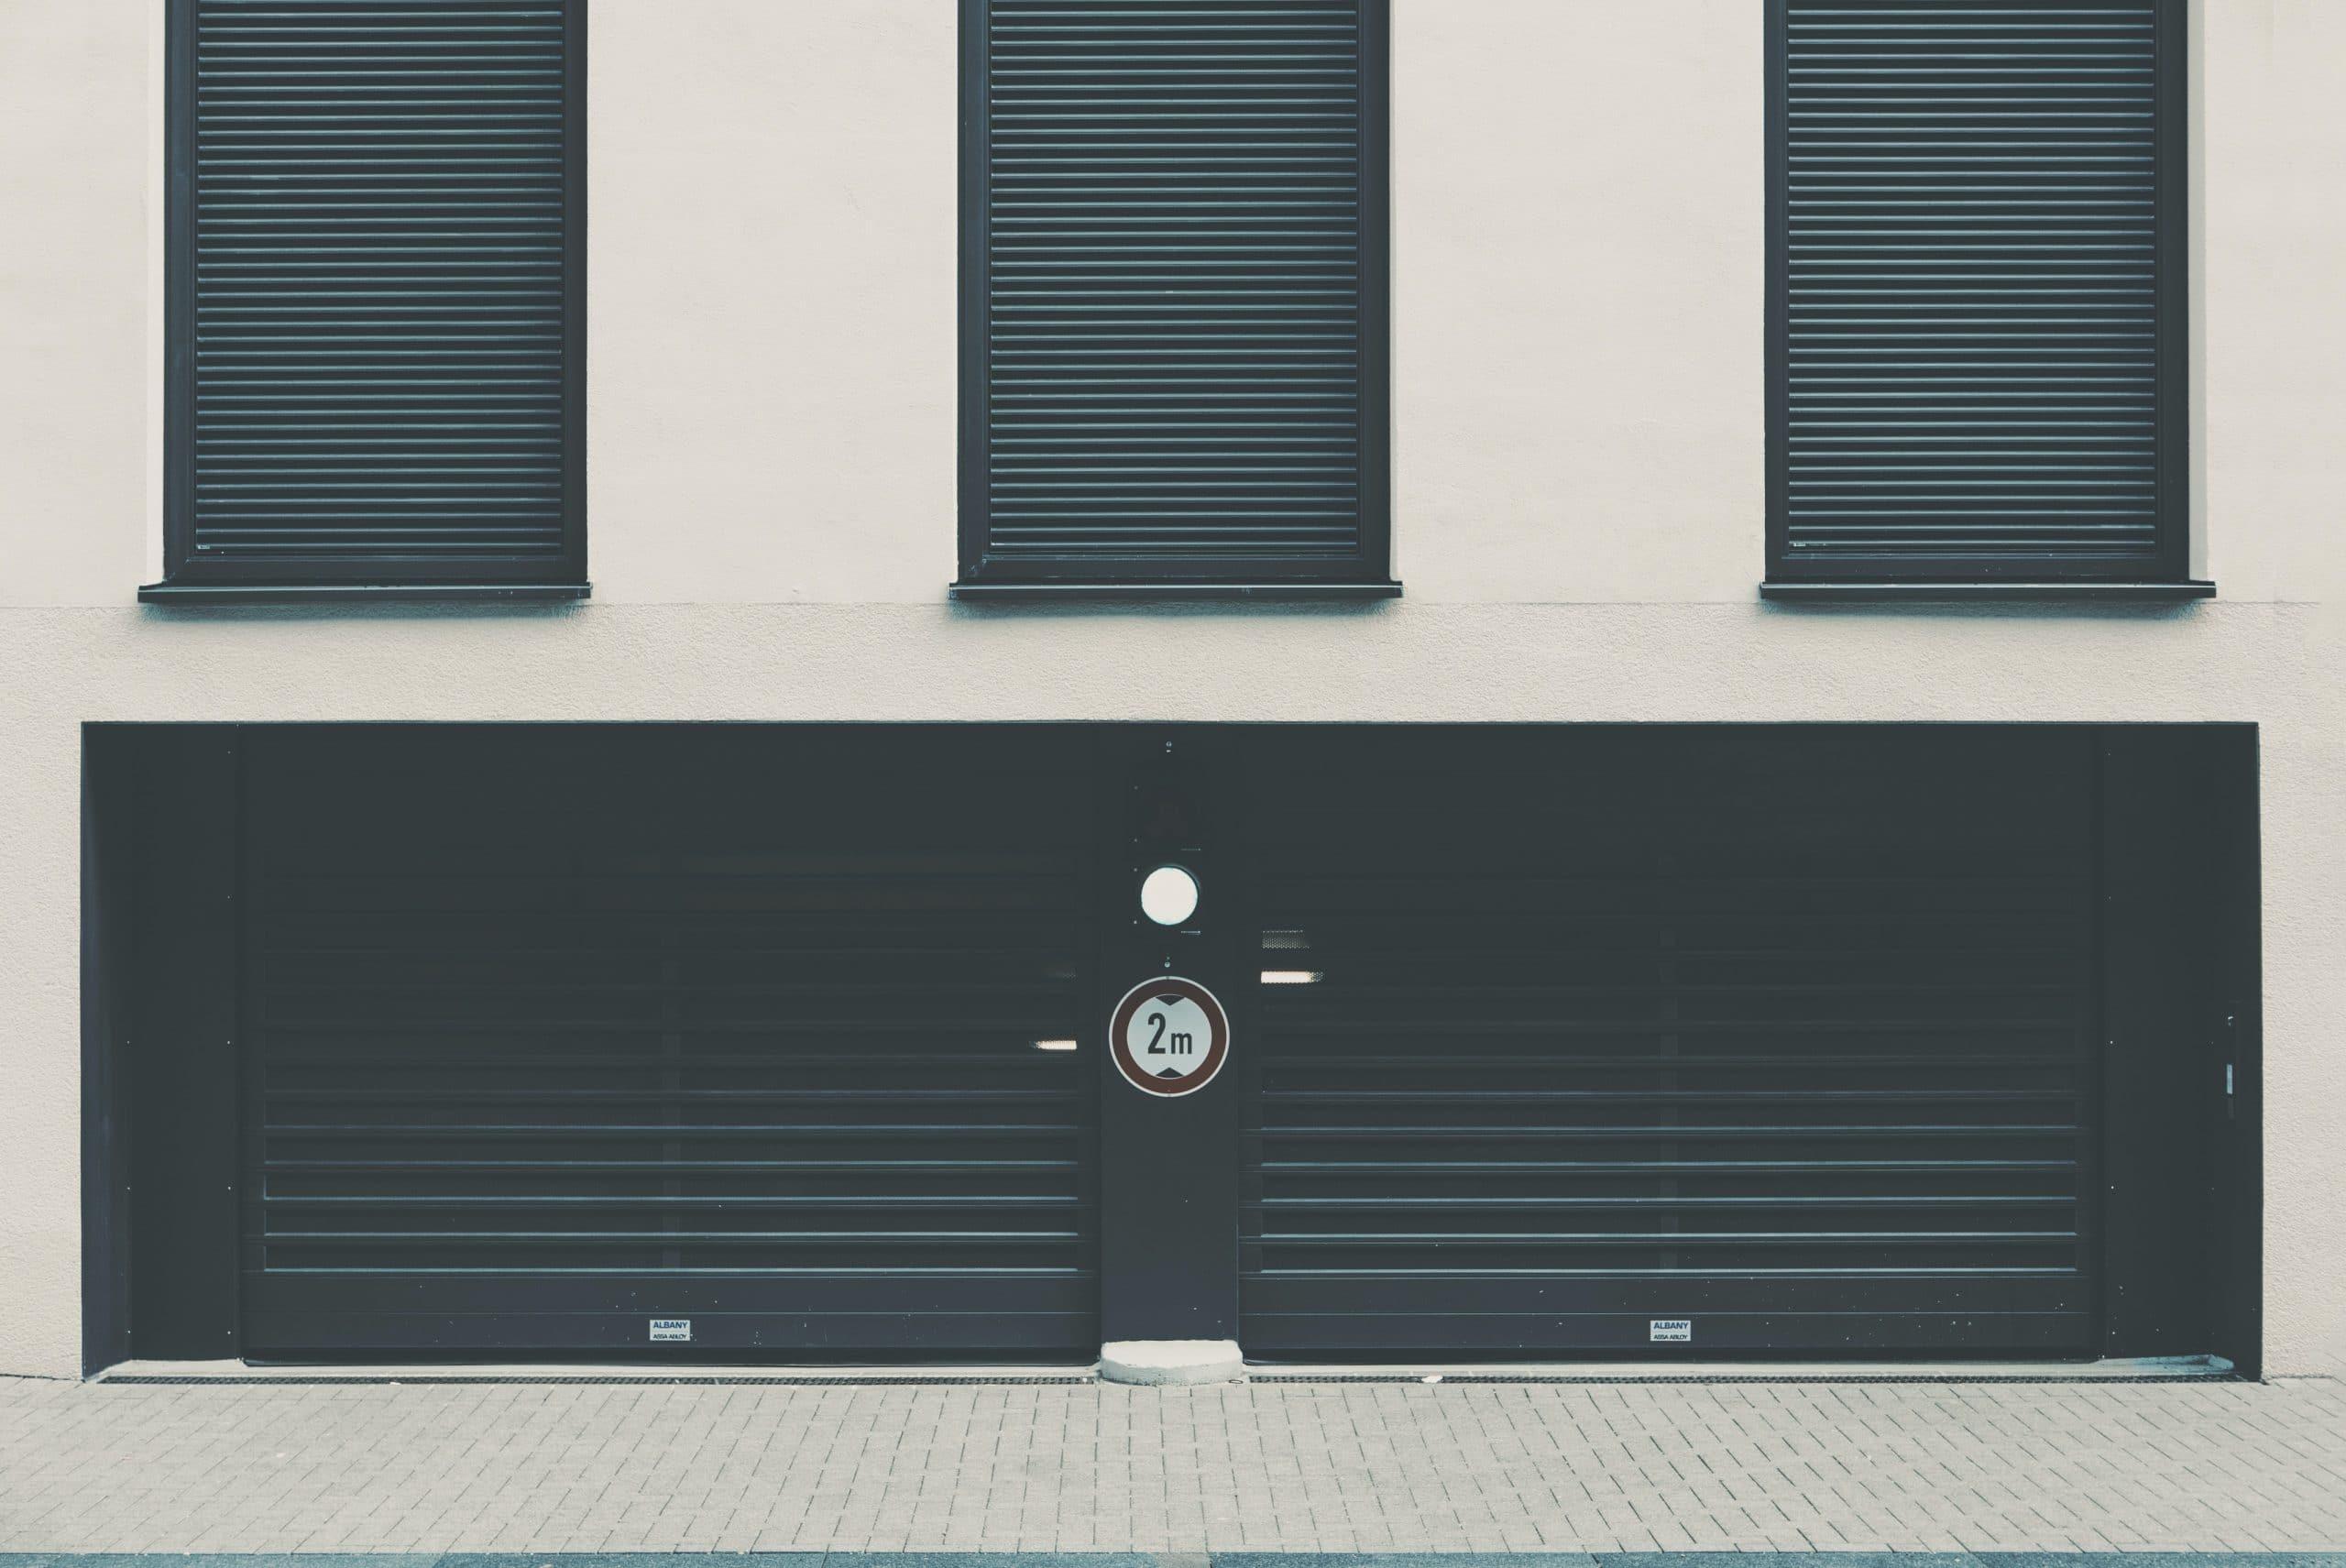 La solidité et la longévité des portes mixtes